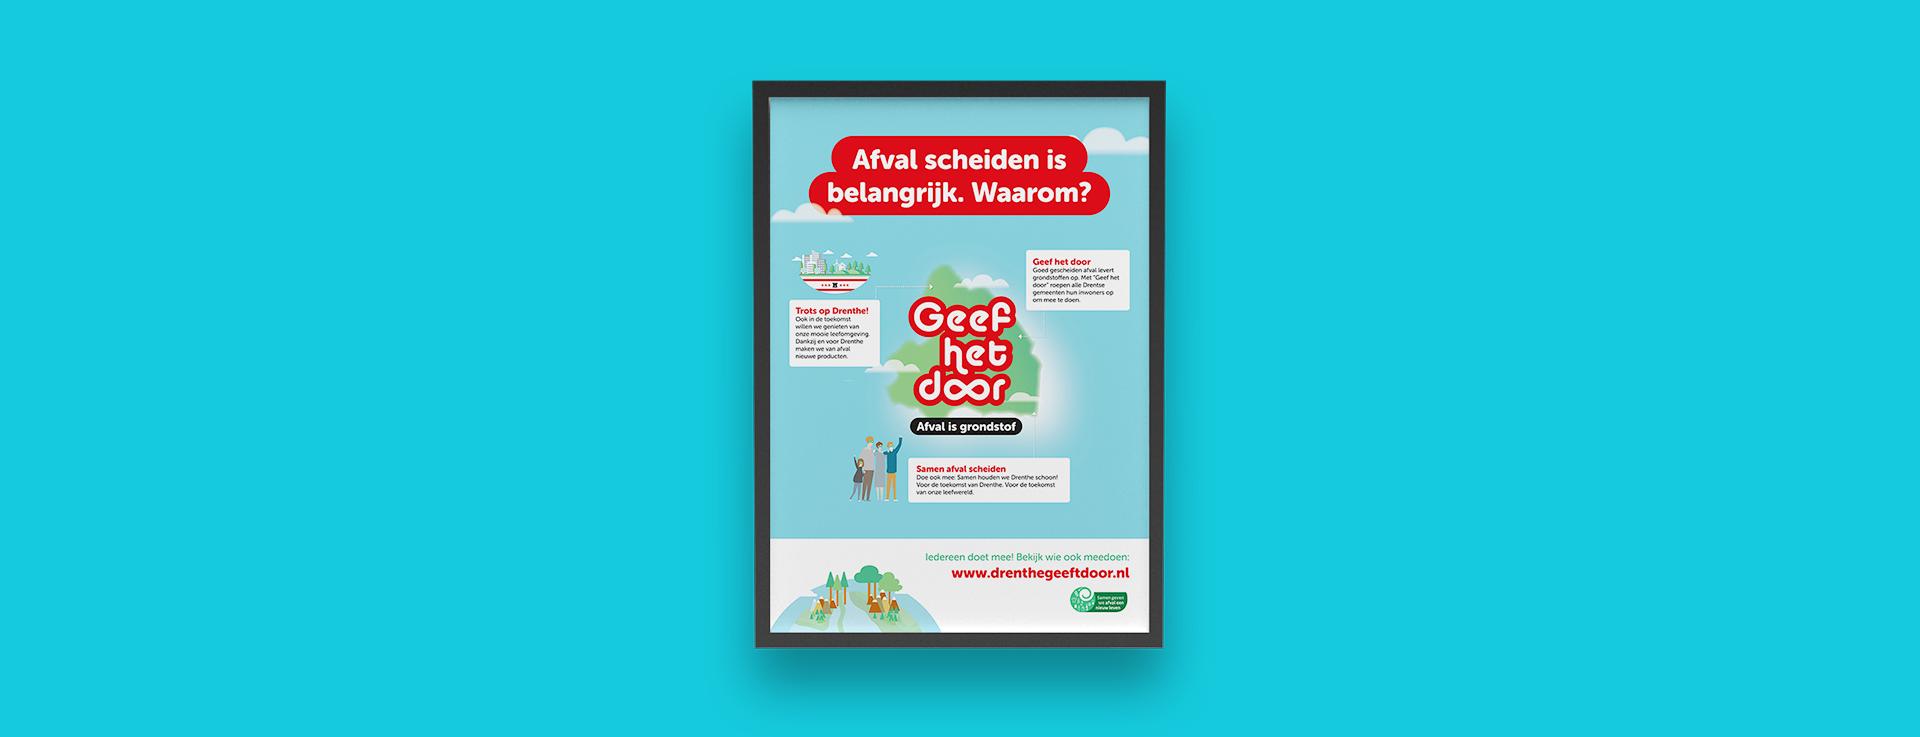 puuridee-website-Branding-en-campagnes-voor-de-overheid